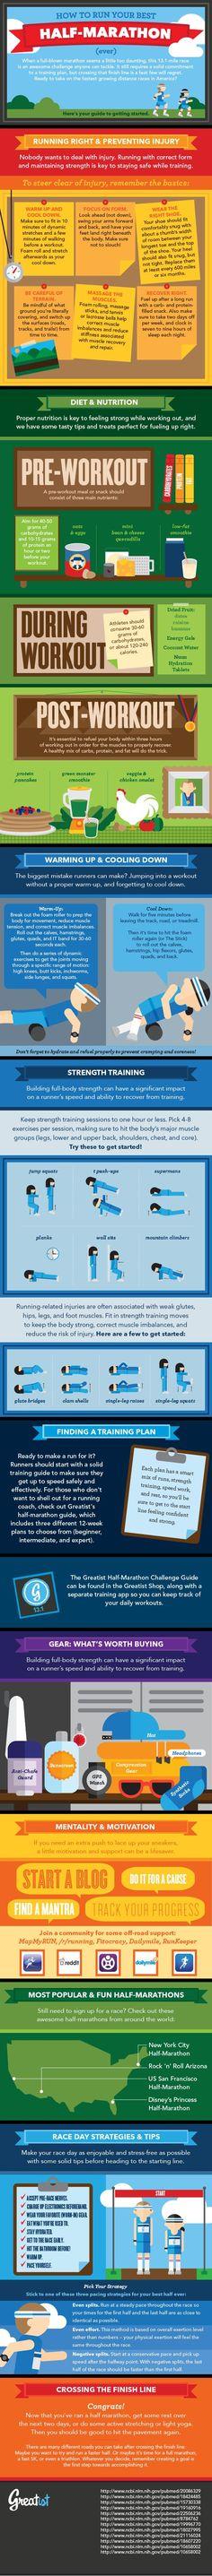 How to Run Your Best Half-Marathon Ever Infographic #halfmarathon #running #fitness